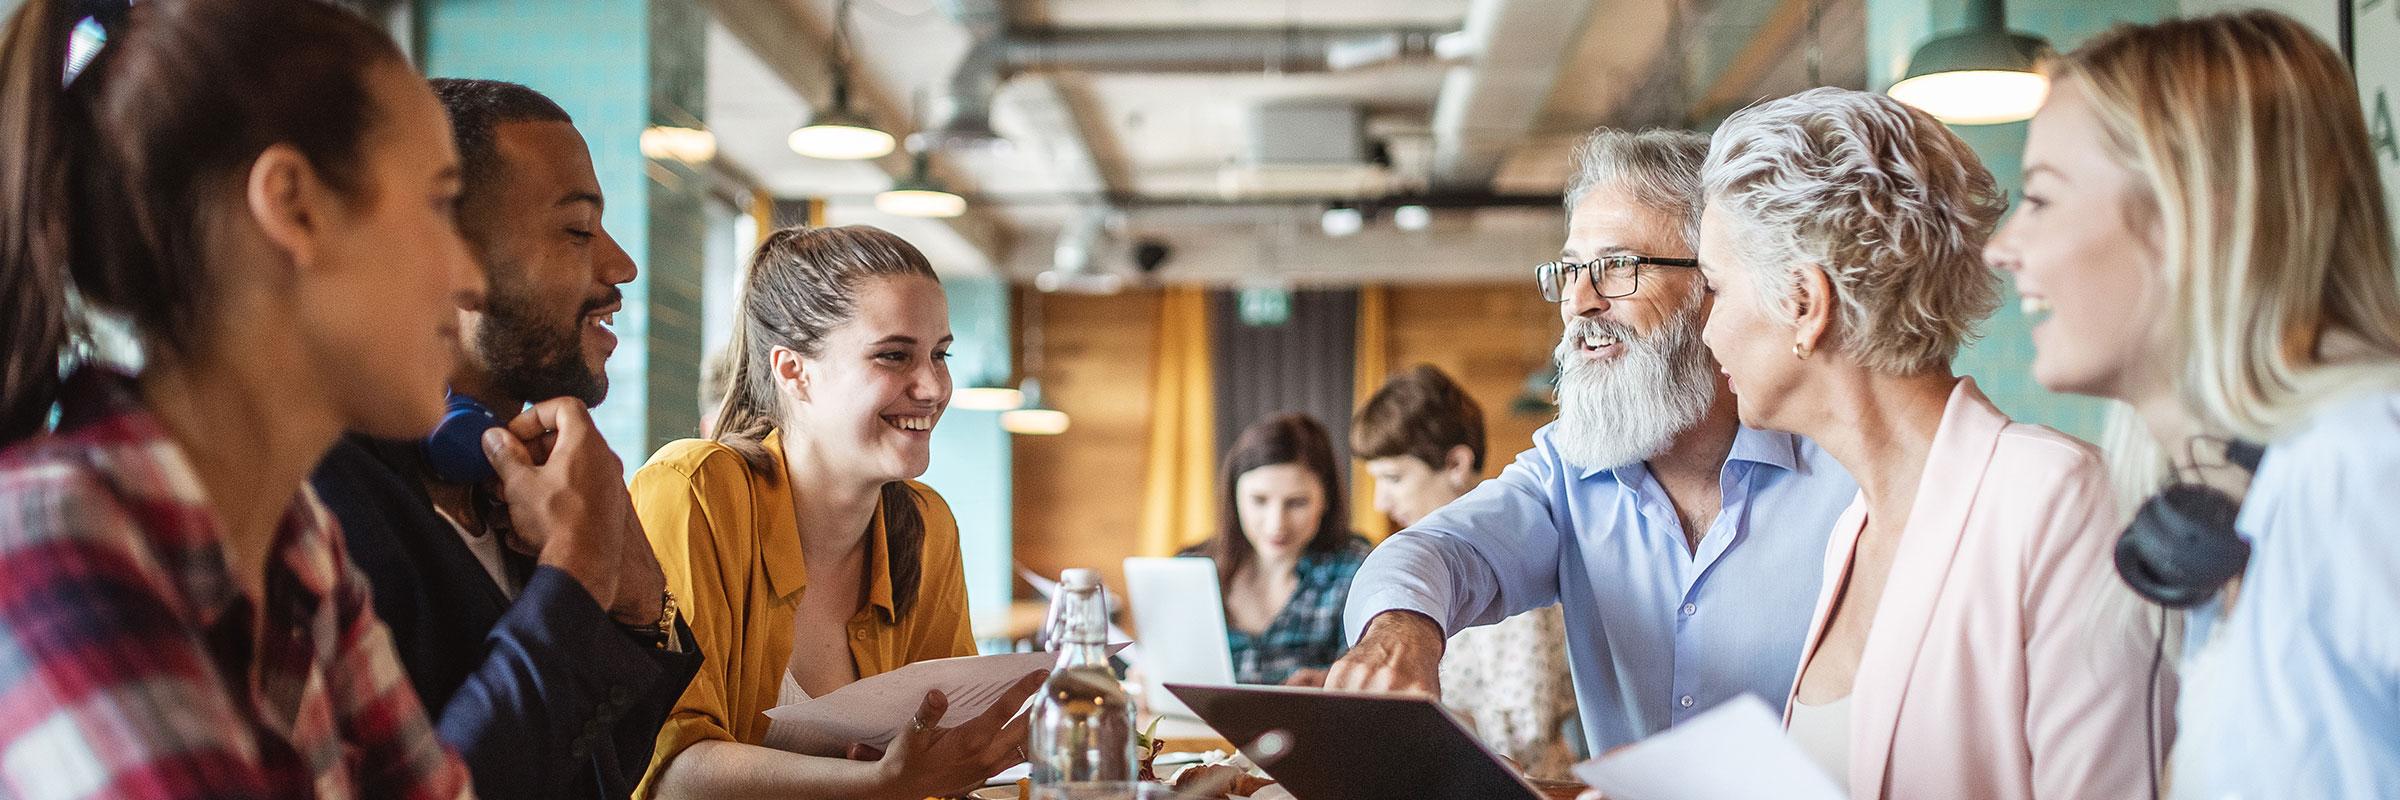 Wir bilden bereits seit unserer Gründung junge Menschen als Fachinformatiker aus und integrieren sie nach erfolgreicher Ausbildung in unsere Teams. Durch die Rekrutierung von eigenem Nachwuchs, sowie der konsequenten Besetzung von neuen Stellen, sind wir in den letzten Jahren auf rund 250 Mitarbeiter angewachsen. Für unsere Unternehmenswerte und die damit verbundene Philosophie sind wir Anfang 2020 von Focus Business als Top-Arbeitgeber Mittelstand ausgezeichnet worden.